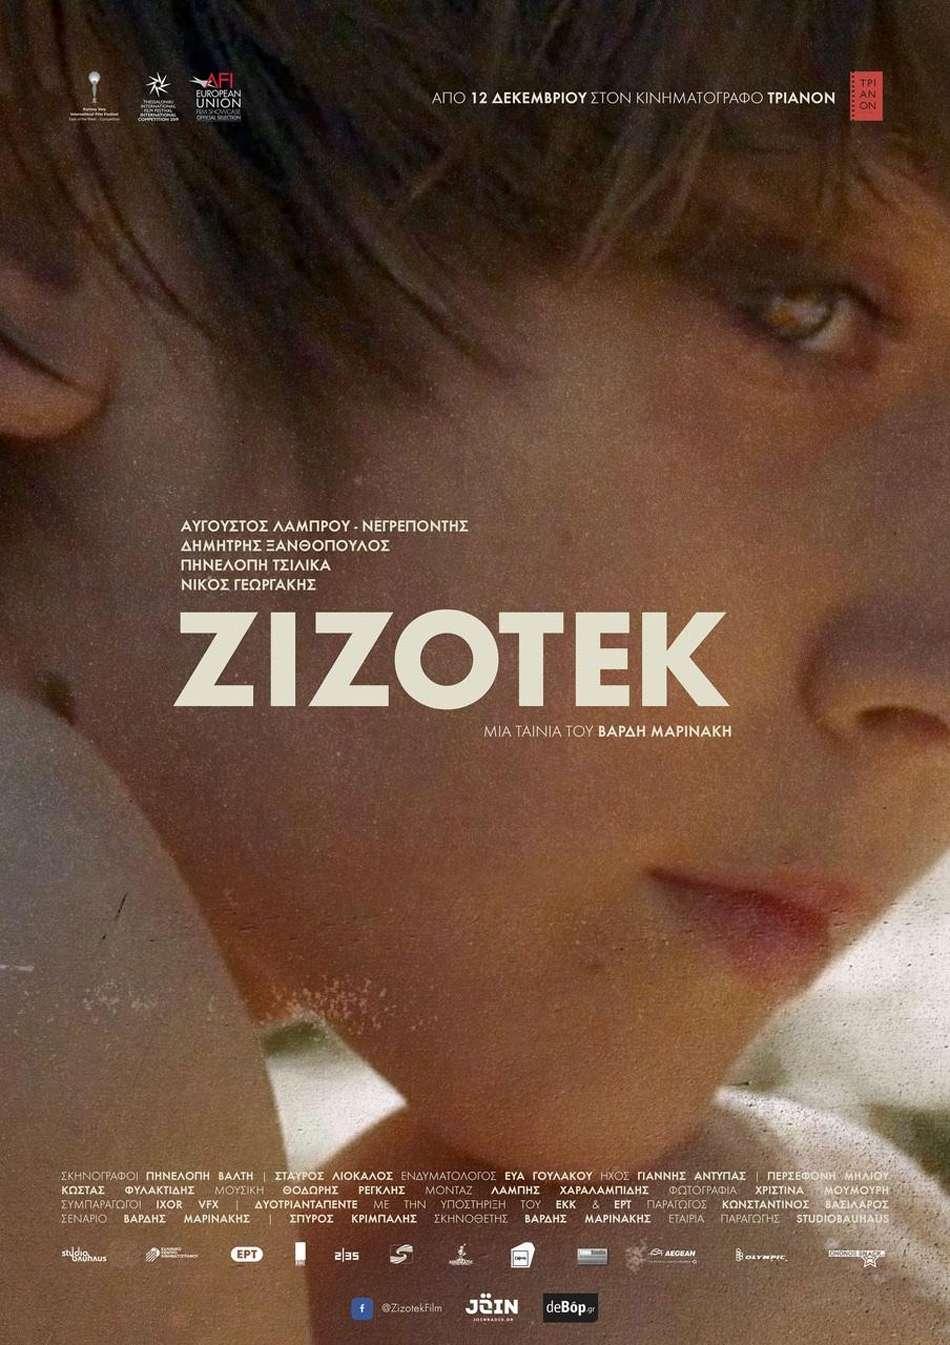 Ζίζοτεκ Poster Πόστερ